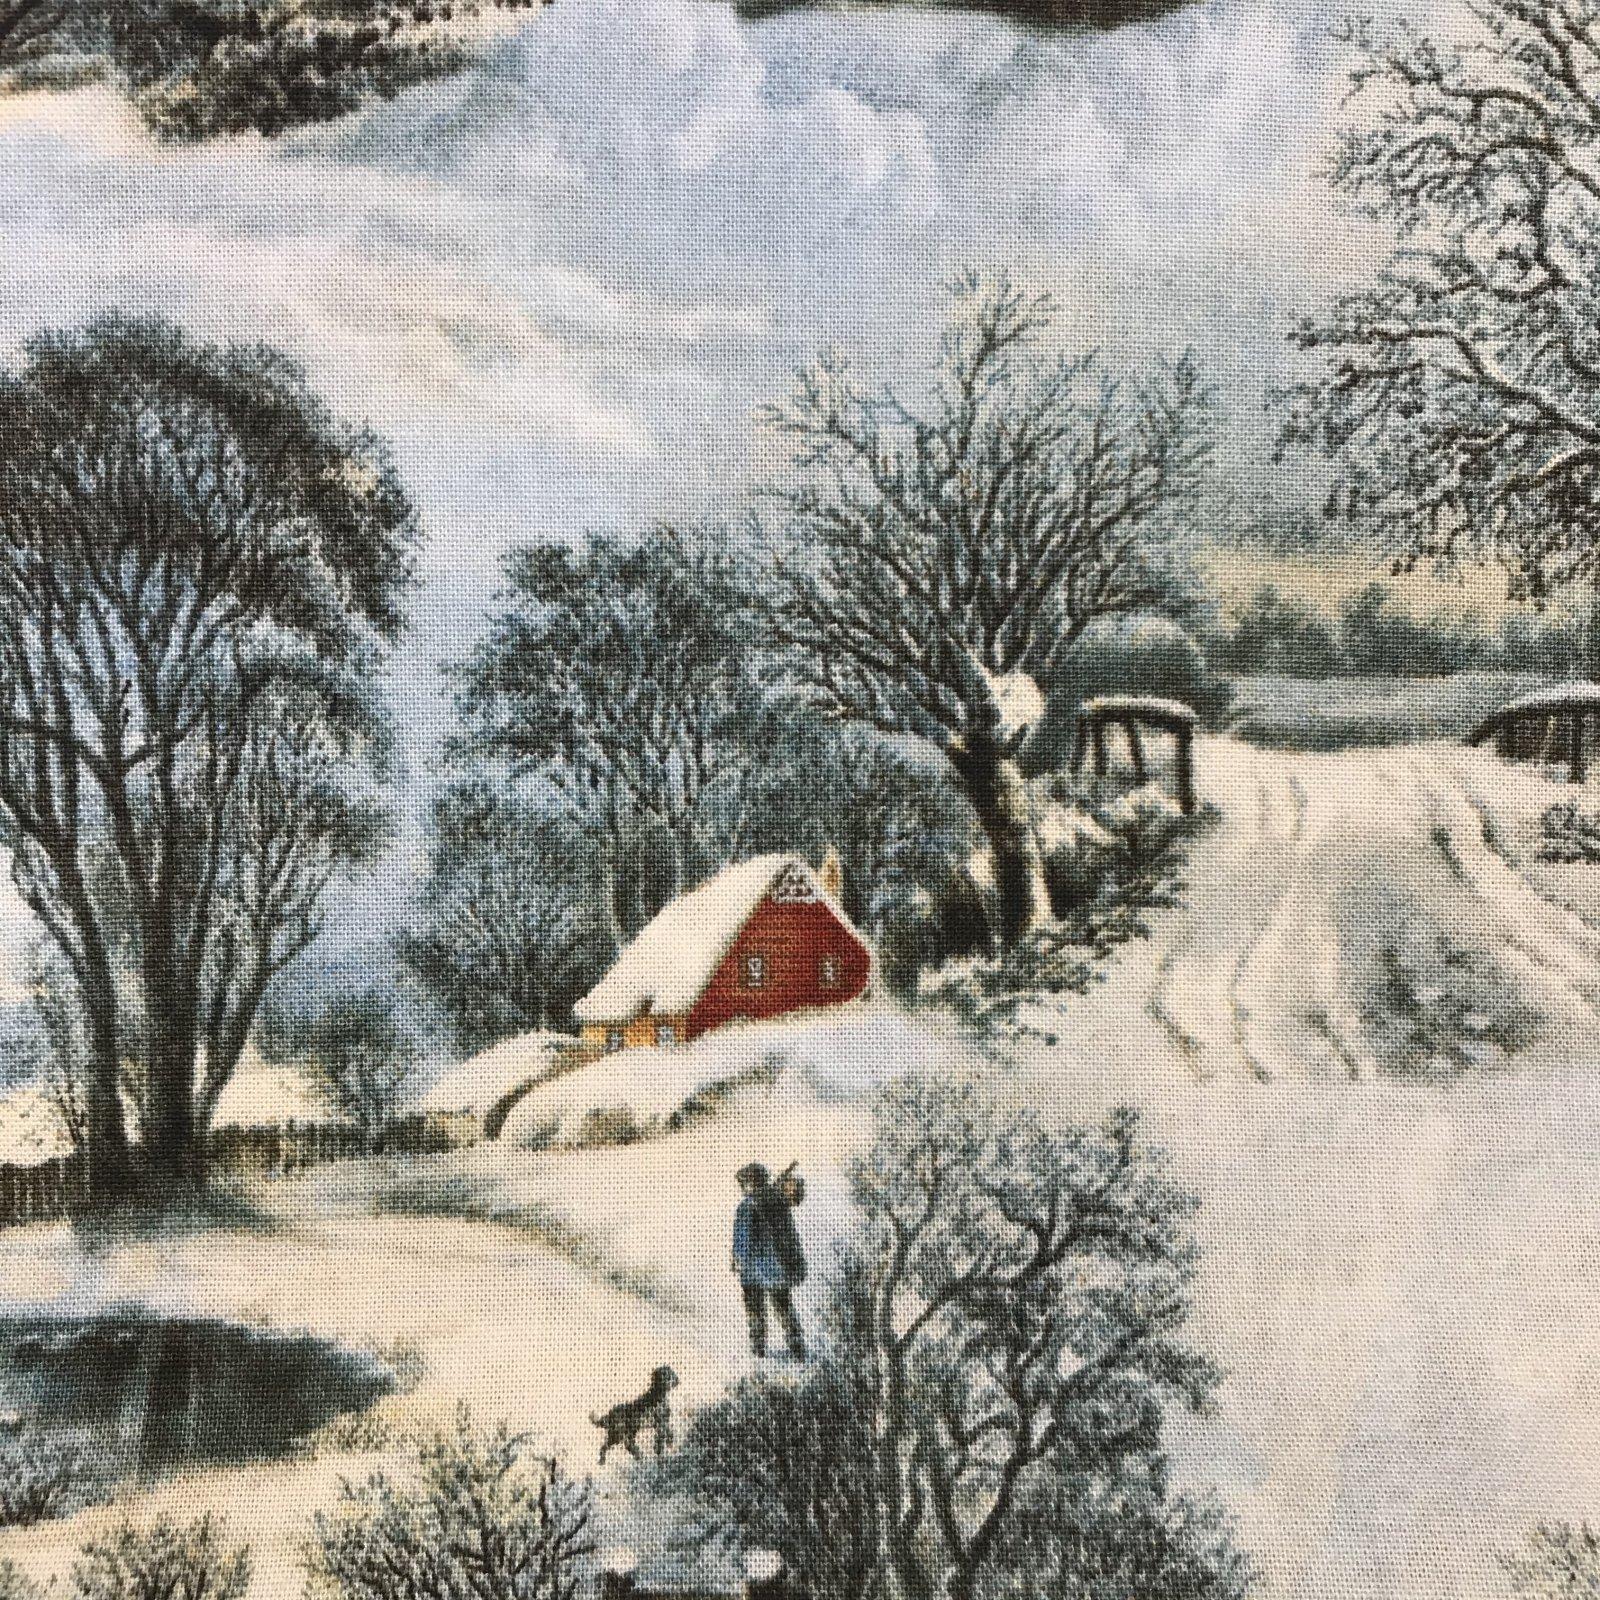 On Frozen Pond - Winter Day